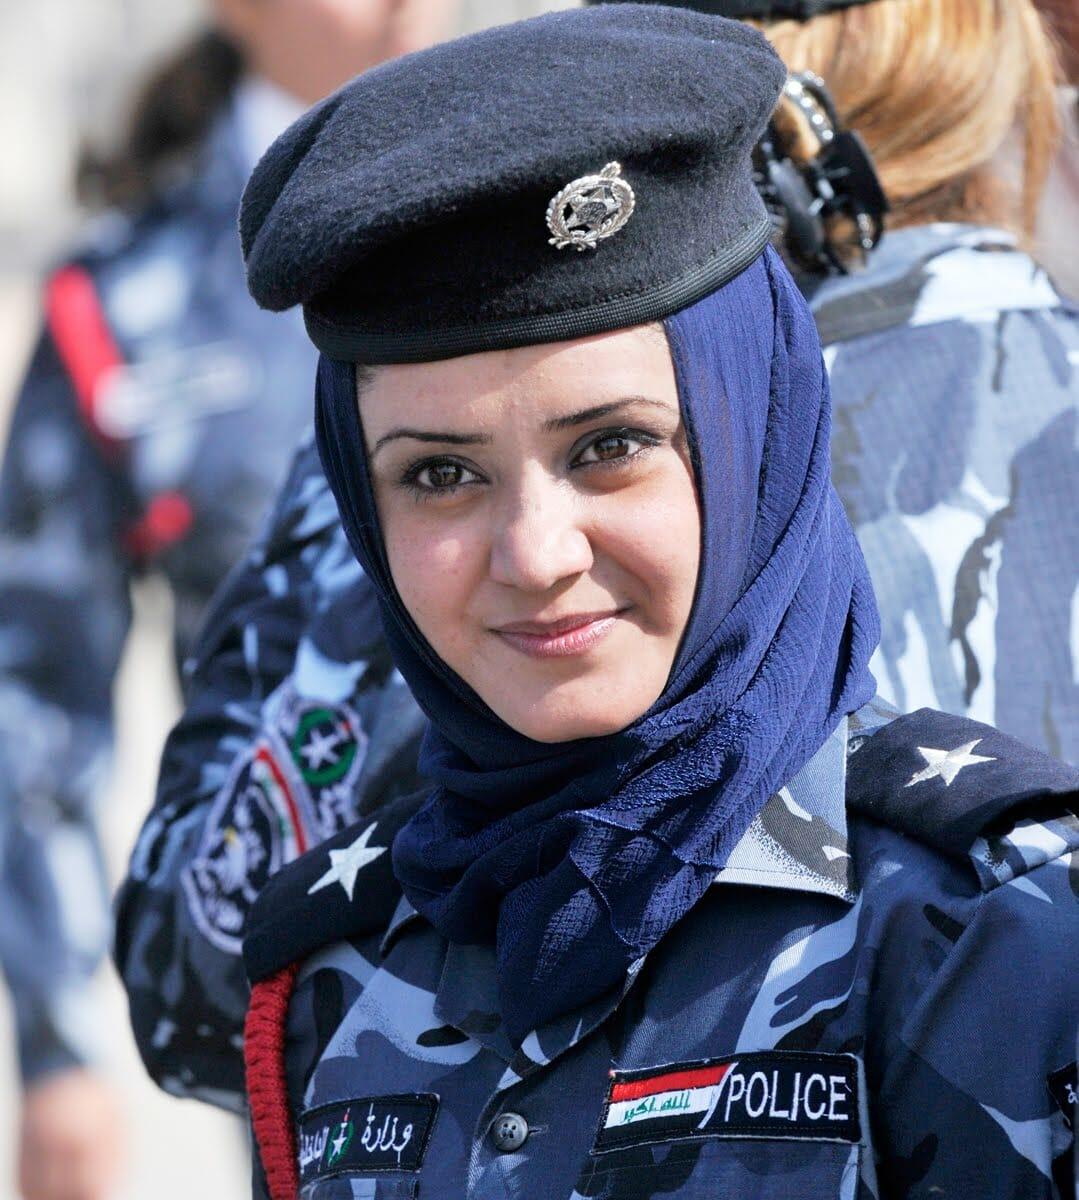 mais-lindas-policiais_14